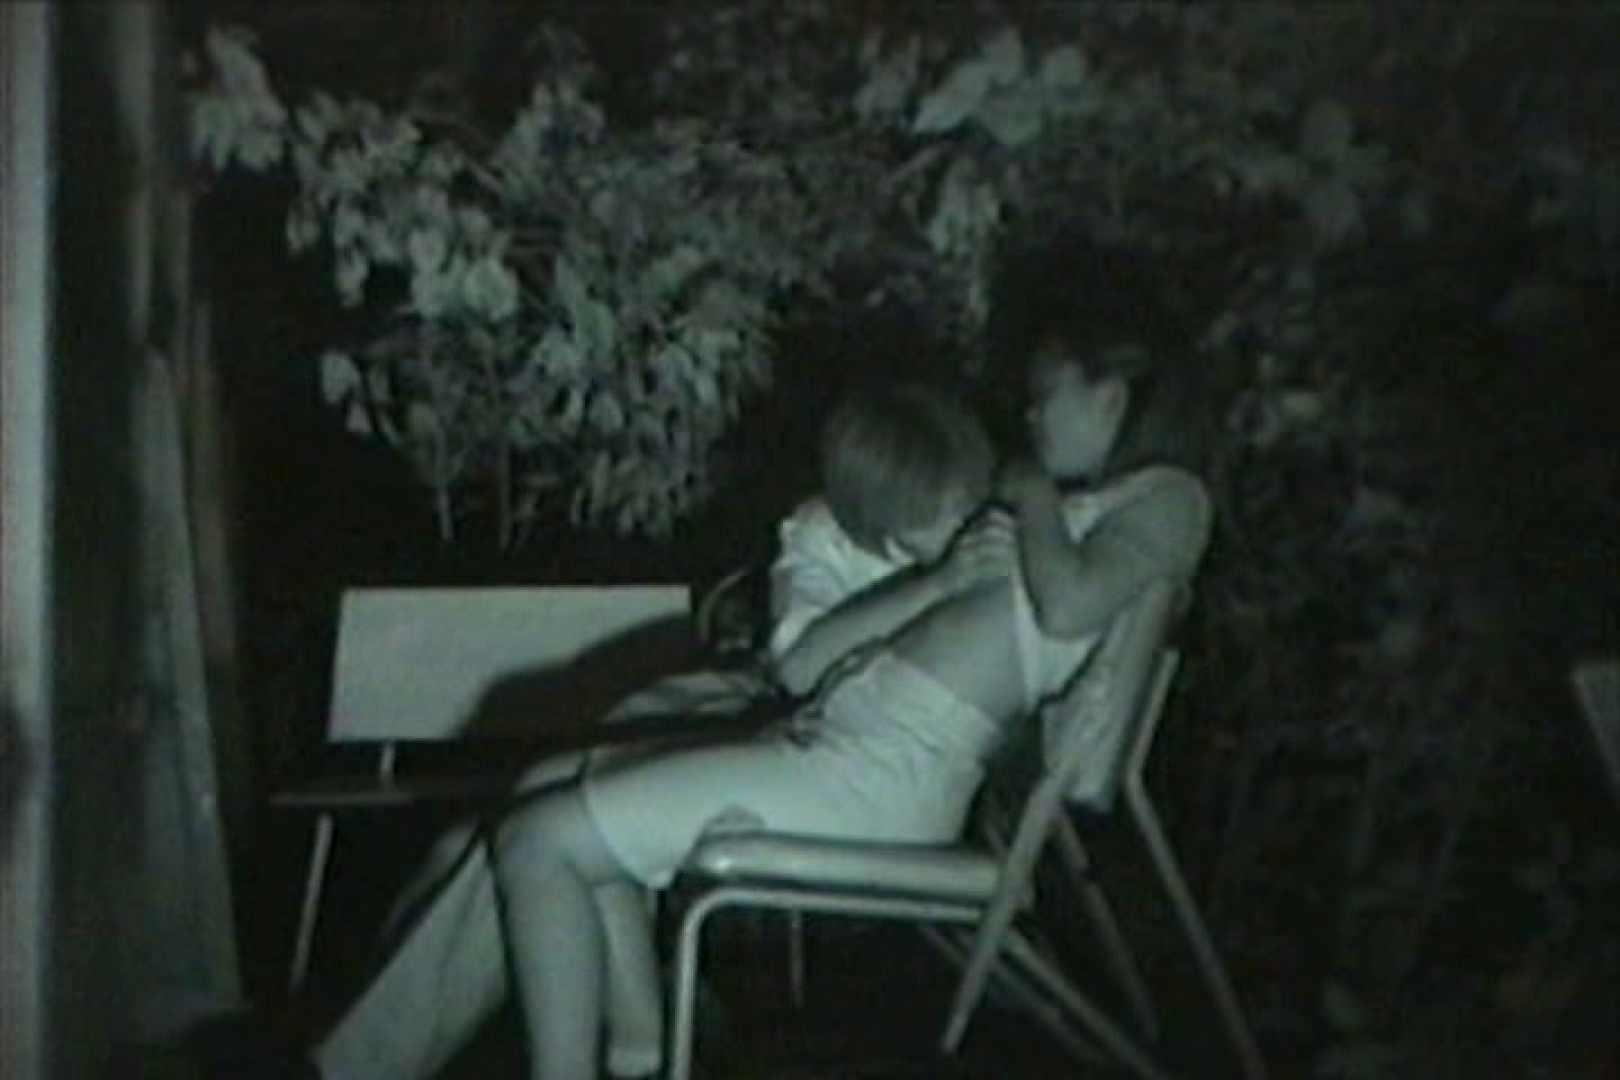 闇の仕掛け人 無修正版 Vol.25 美しいOLの裸体  102pic 42